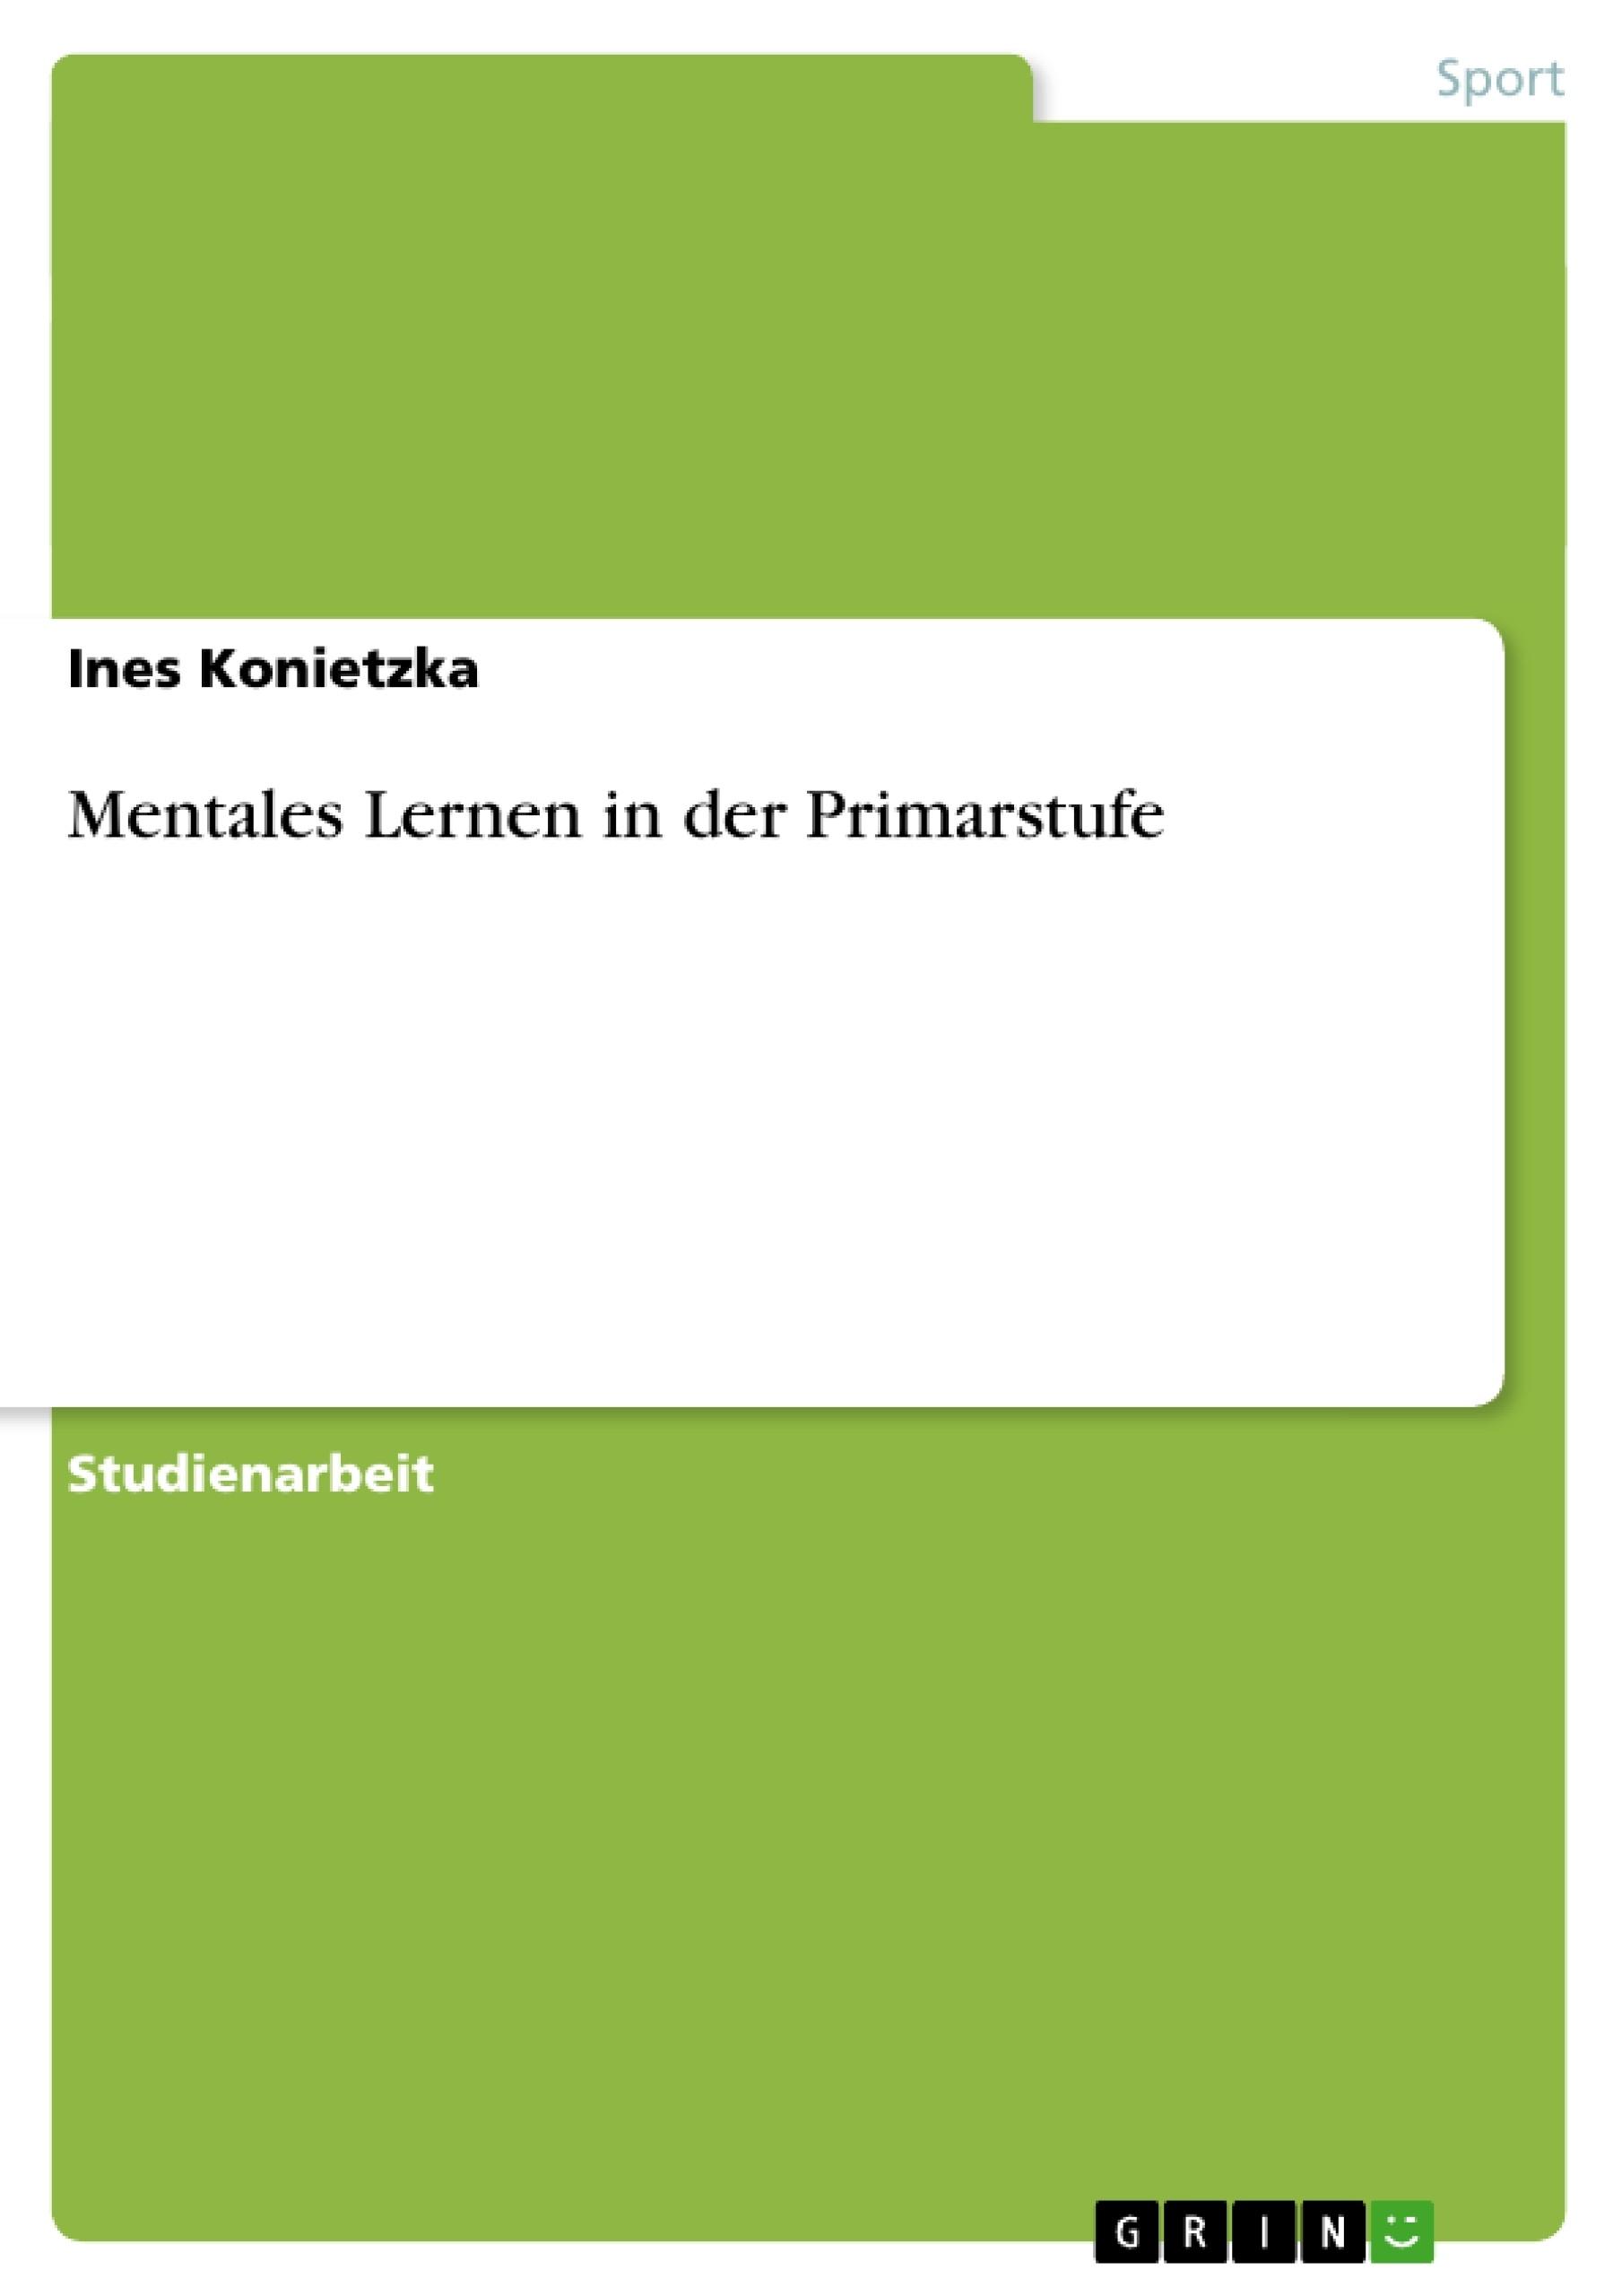 Titel: Mentales Lernen in der Primarstufe